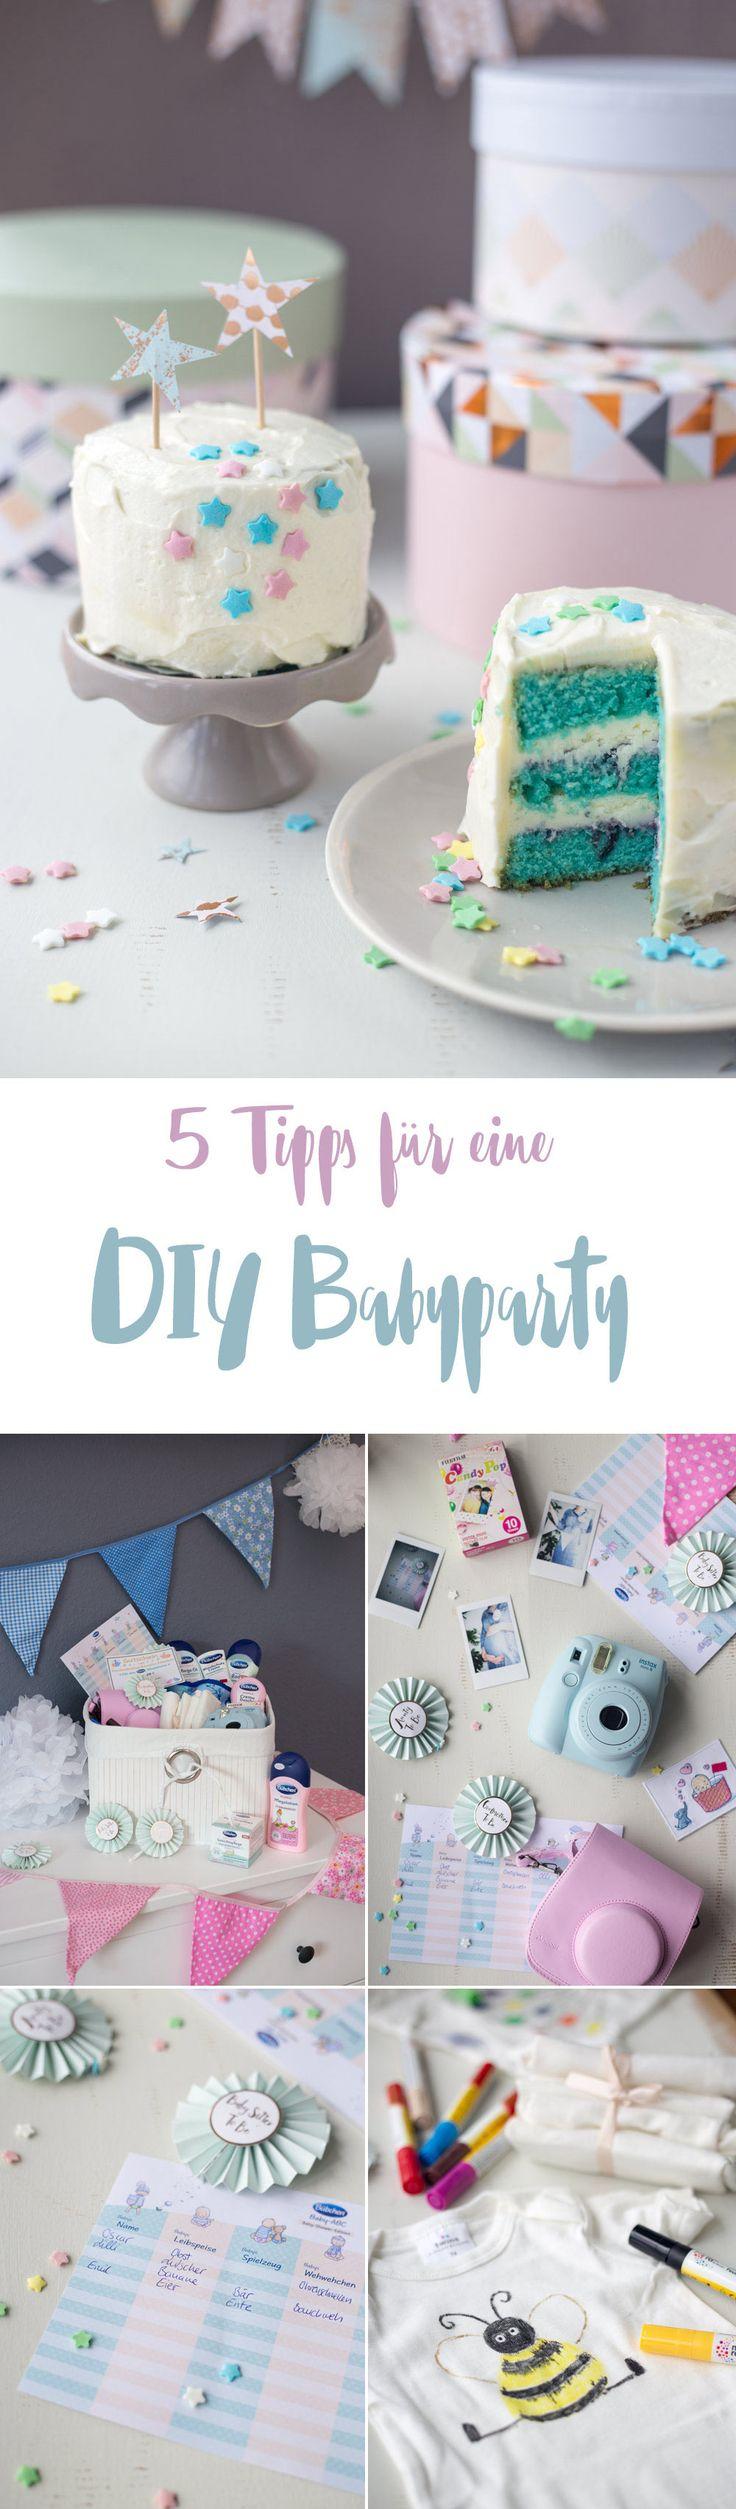 5 Tipps für eine DIY Baby Shower – mit Gewinnspiel! DIY Babyparty Ideen